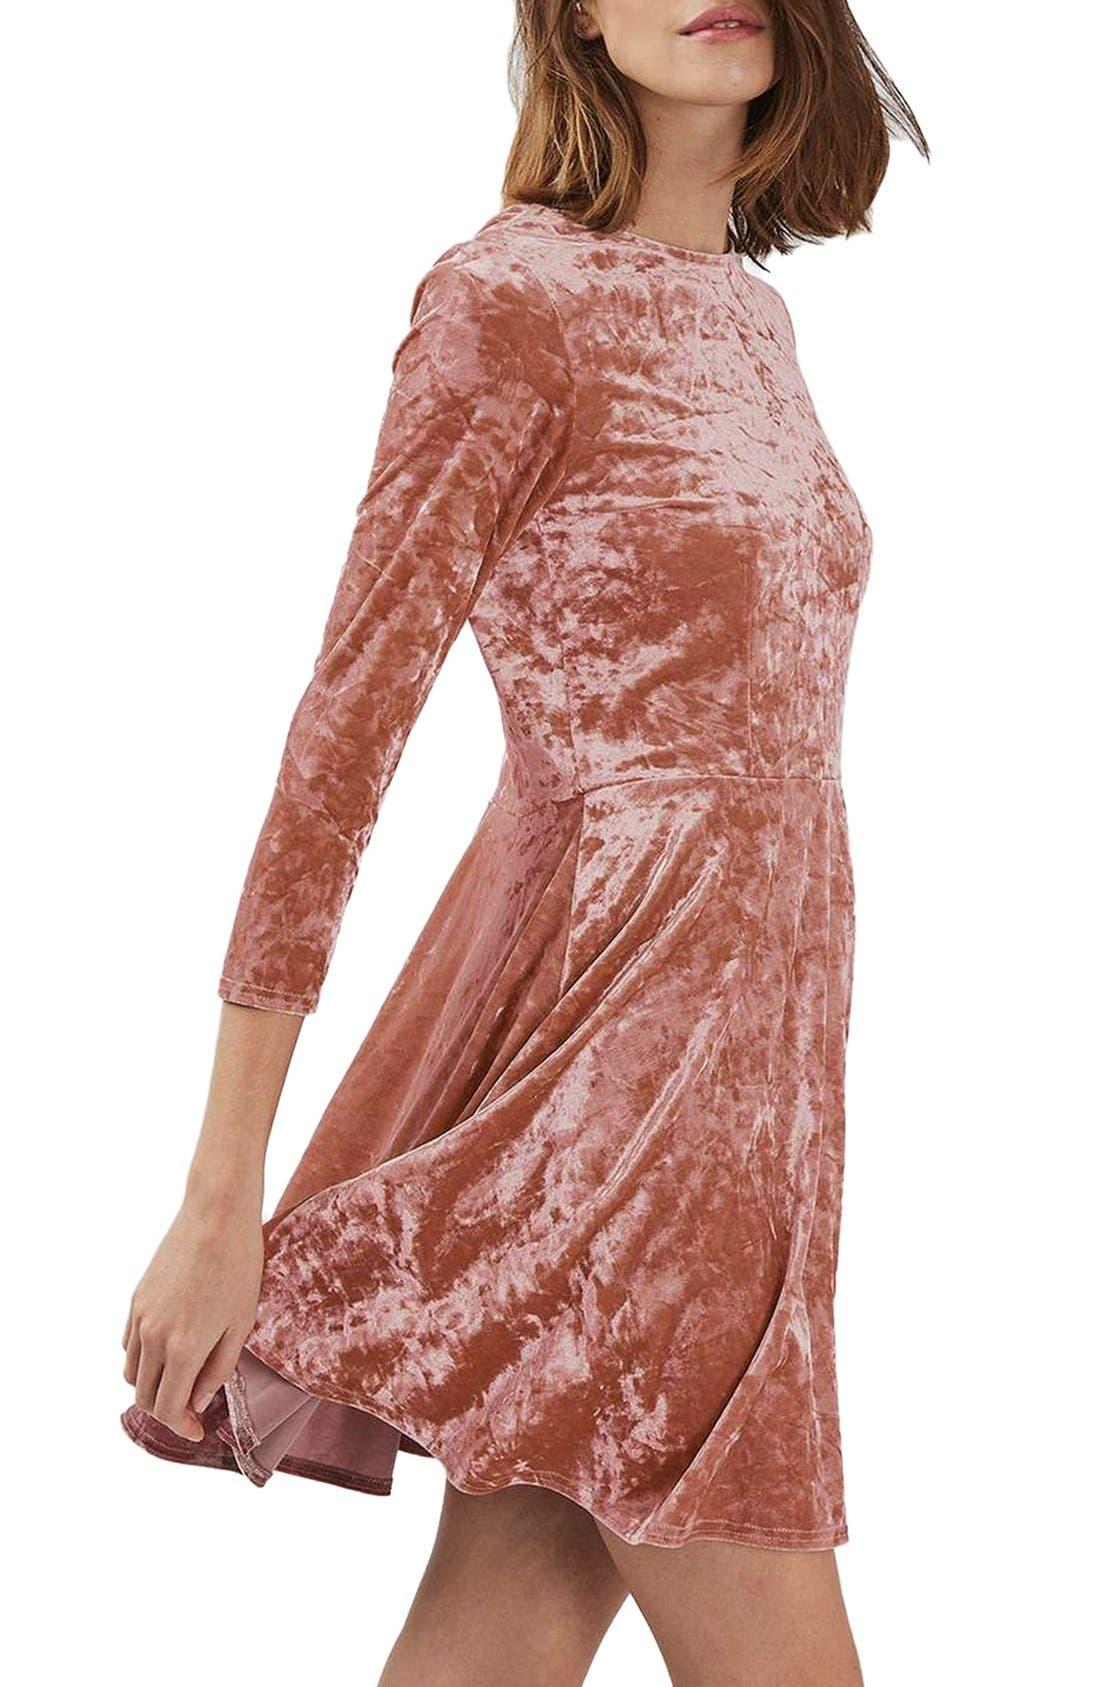 Alternate Image 1 Selected - Topshop Crushed Velvet Dress